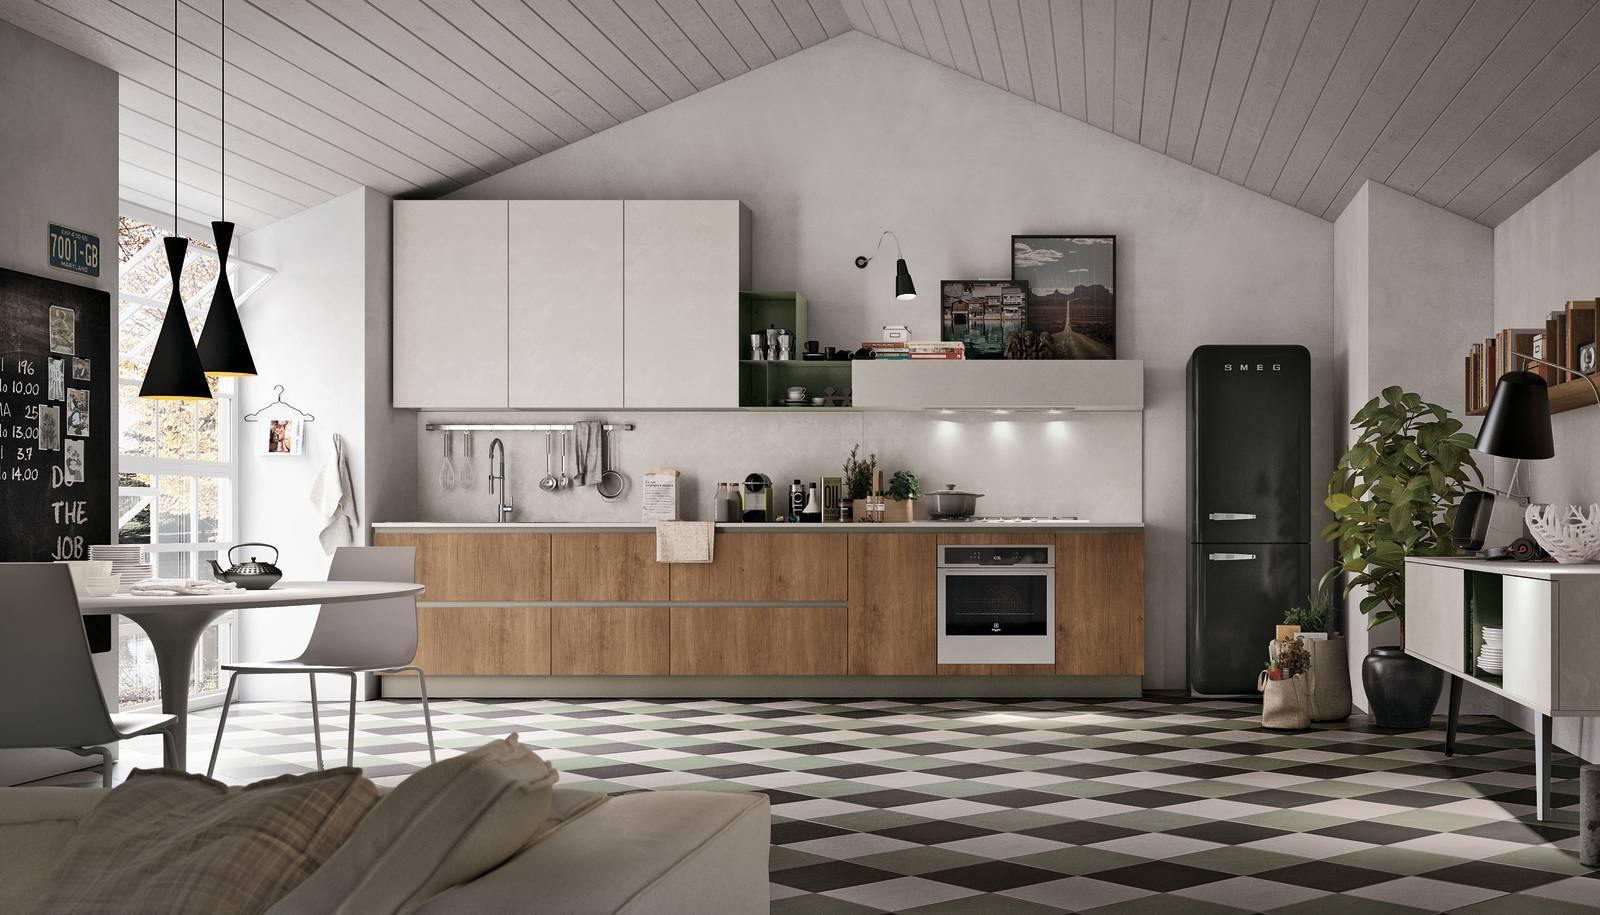 La cucina con il frigorifero freestanding un evergreen for Arredamento gratis